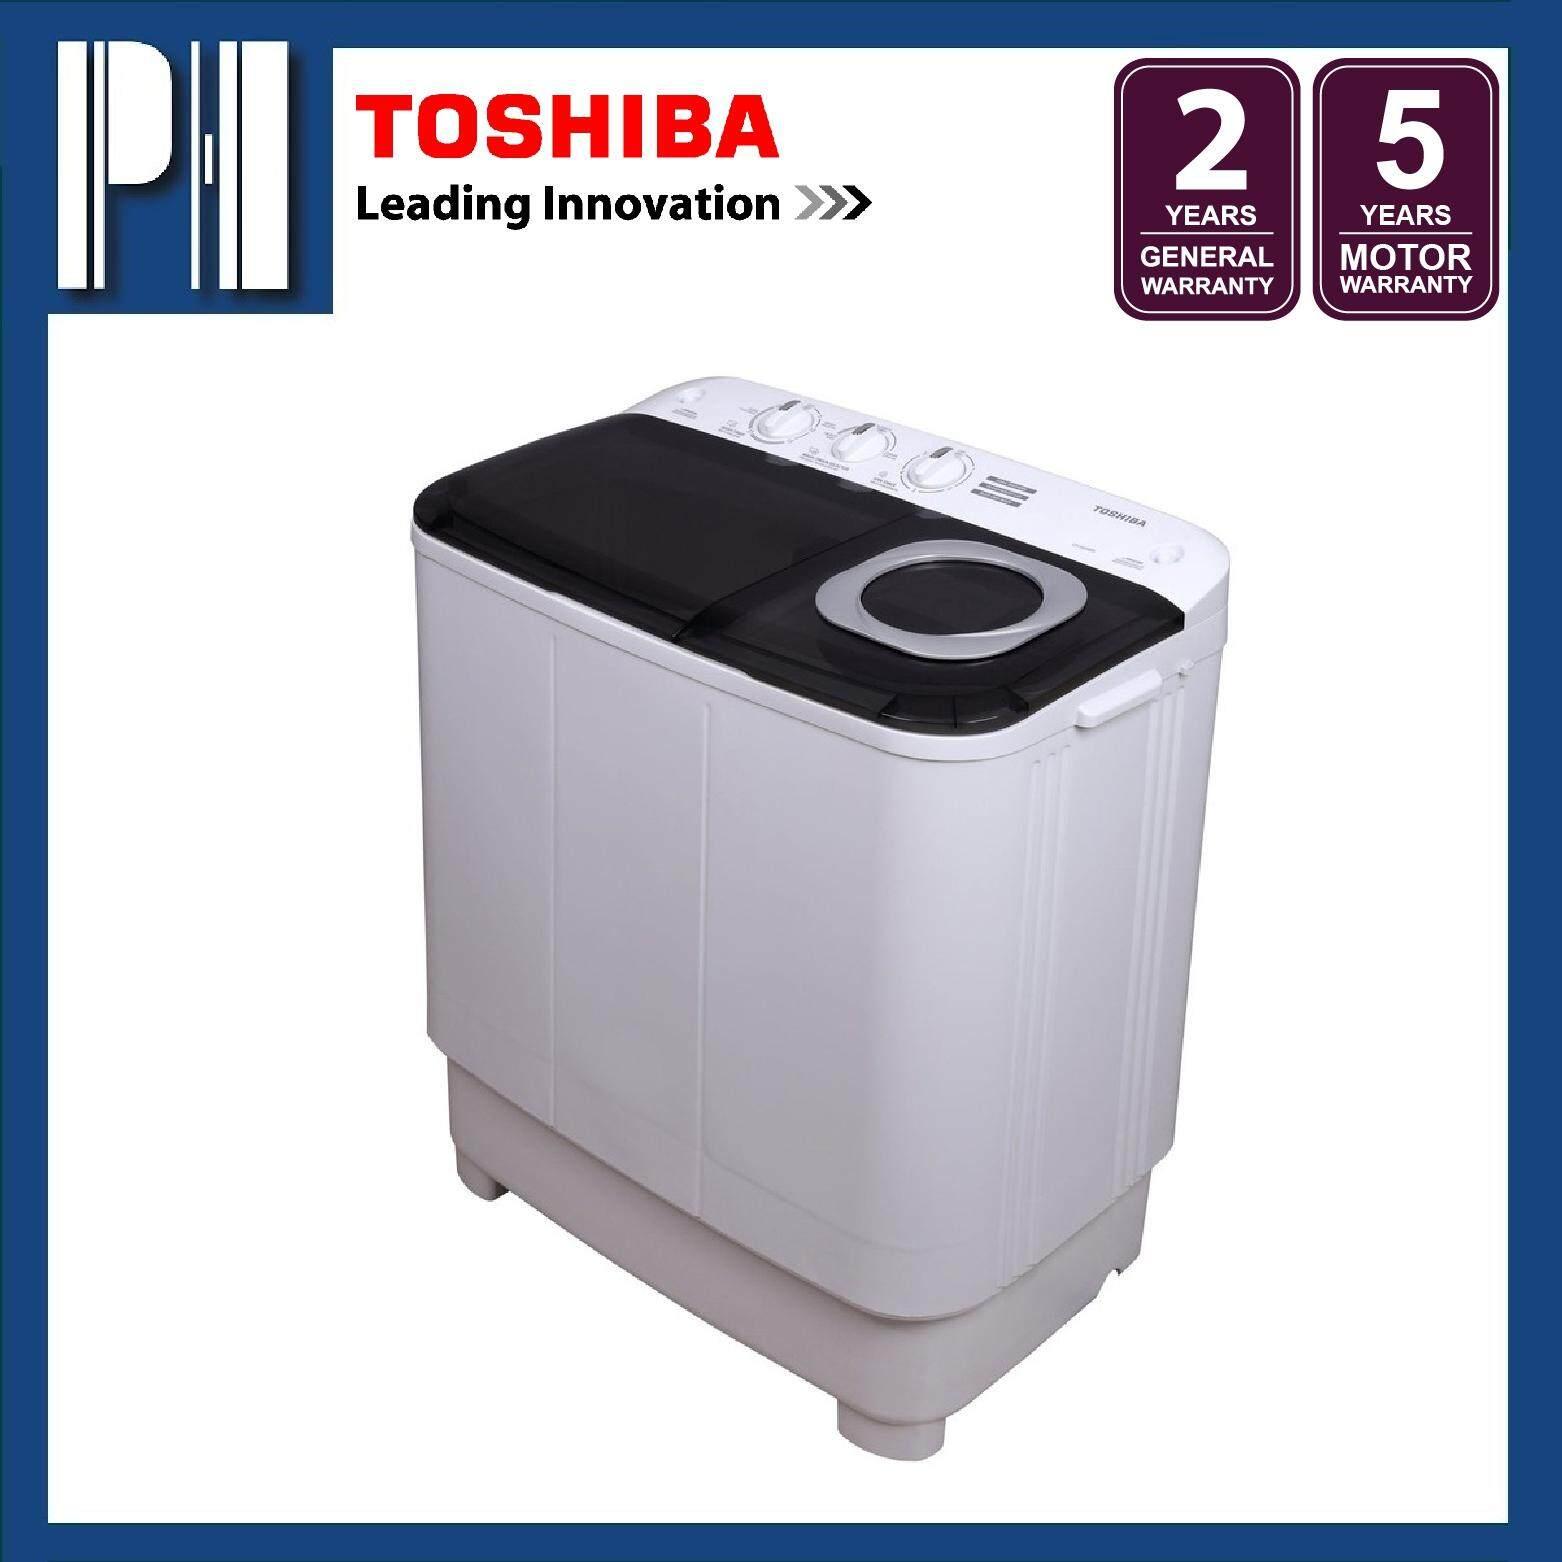 TOSHIBA VH-H120WM 11.5KG Semi Auto Washing Machine/Washer